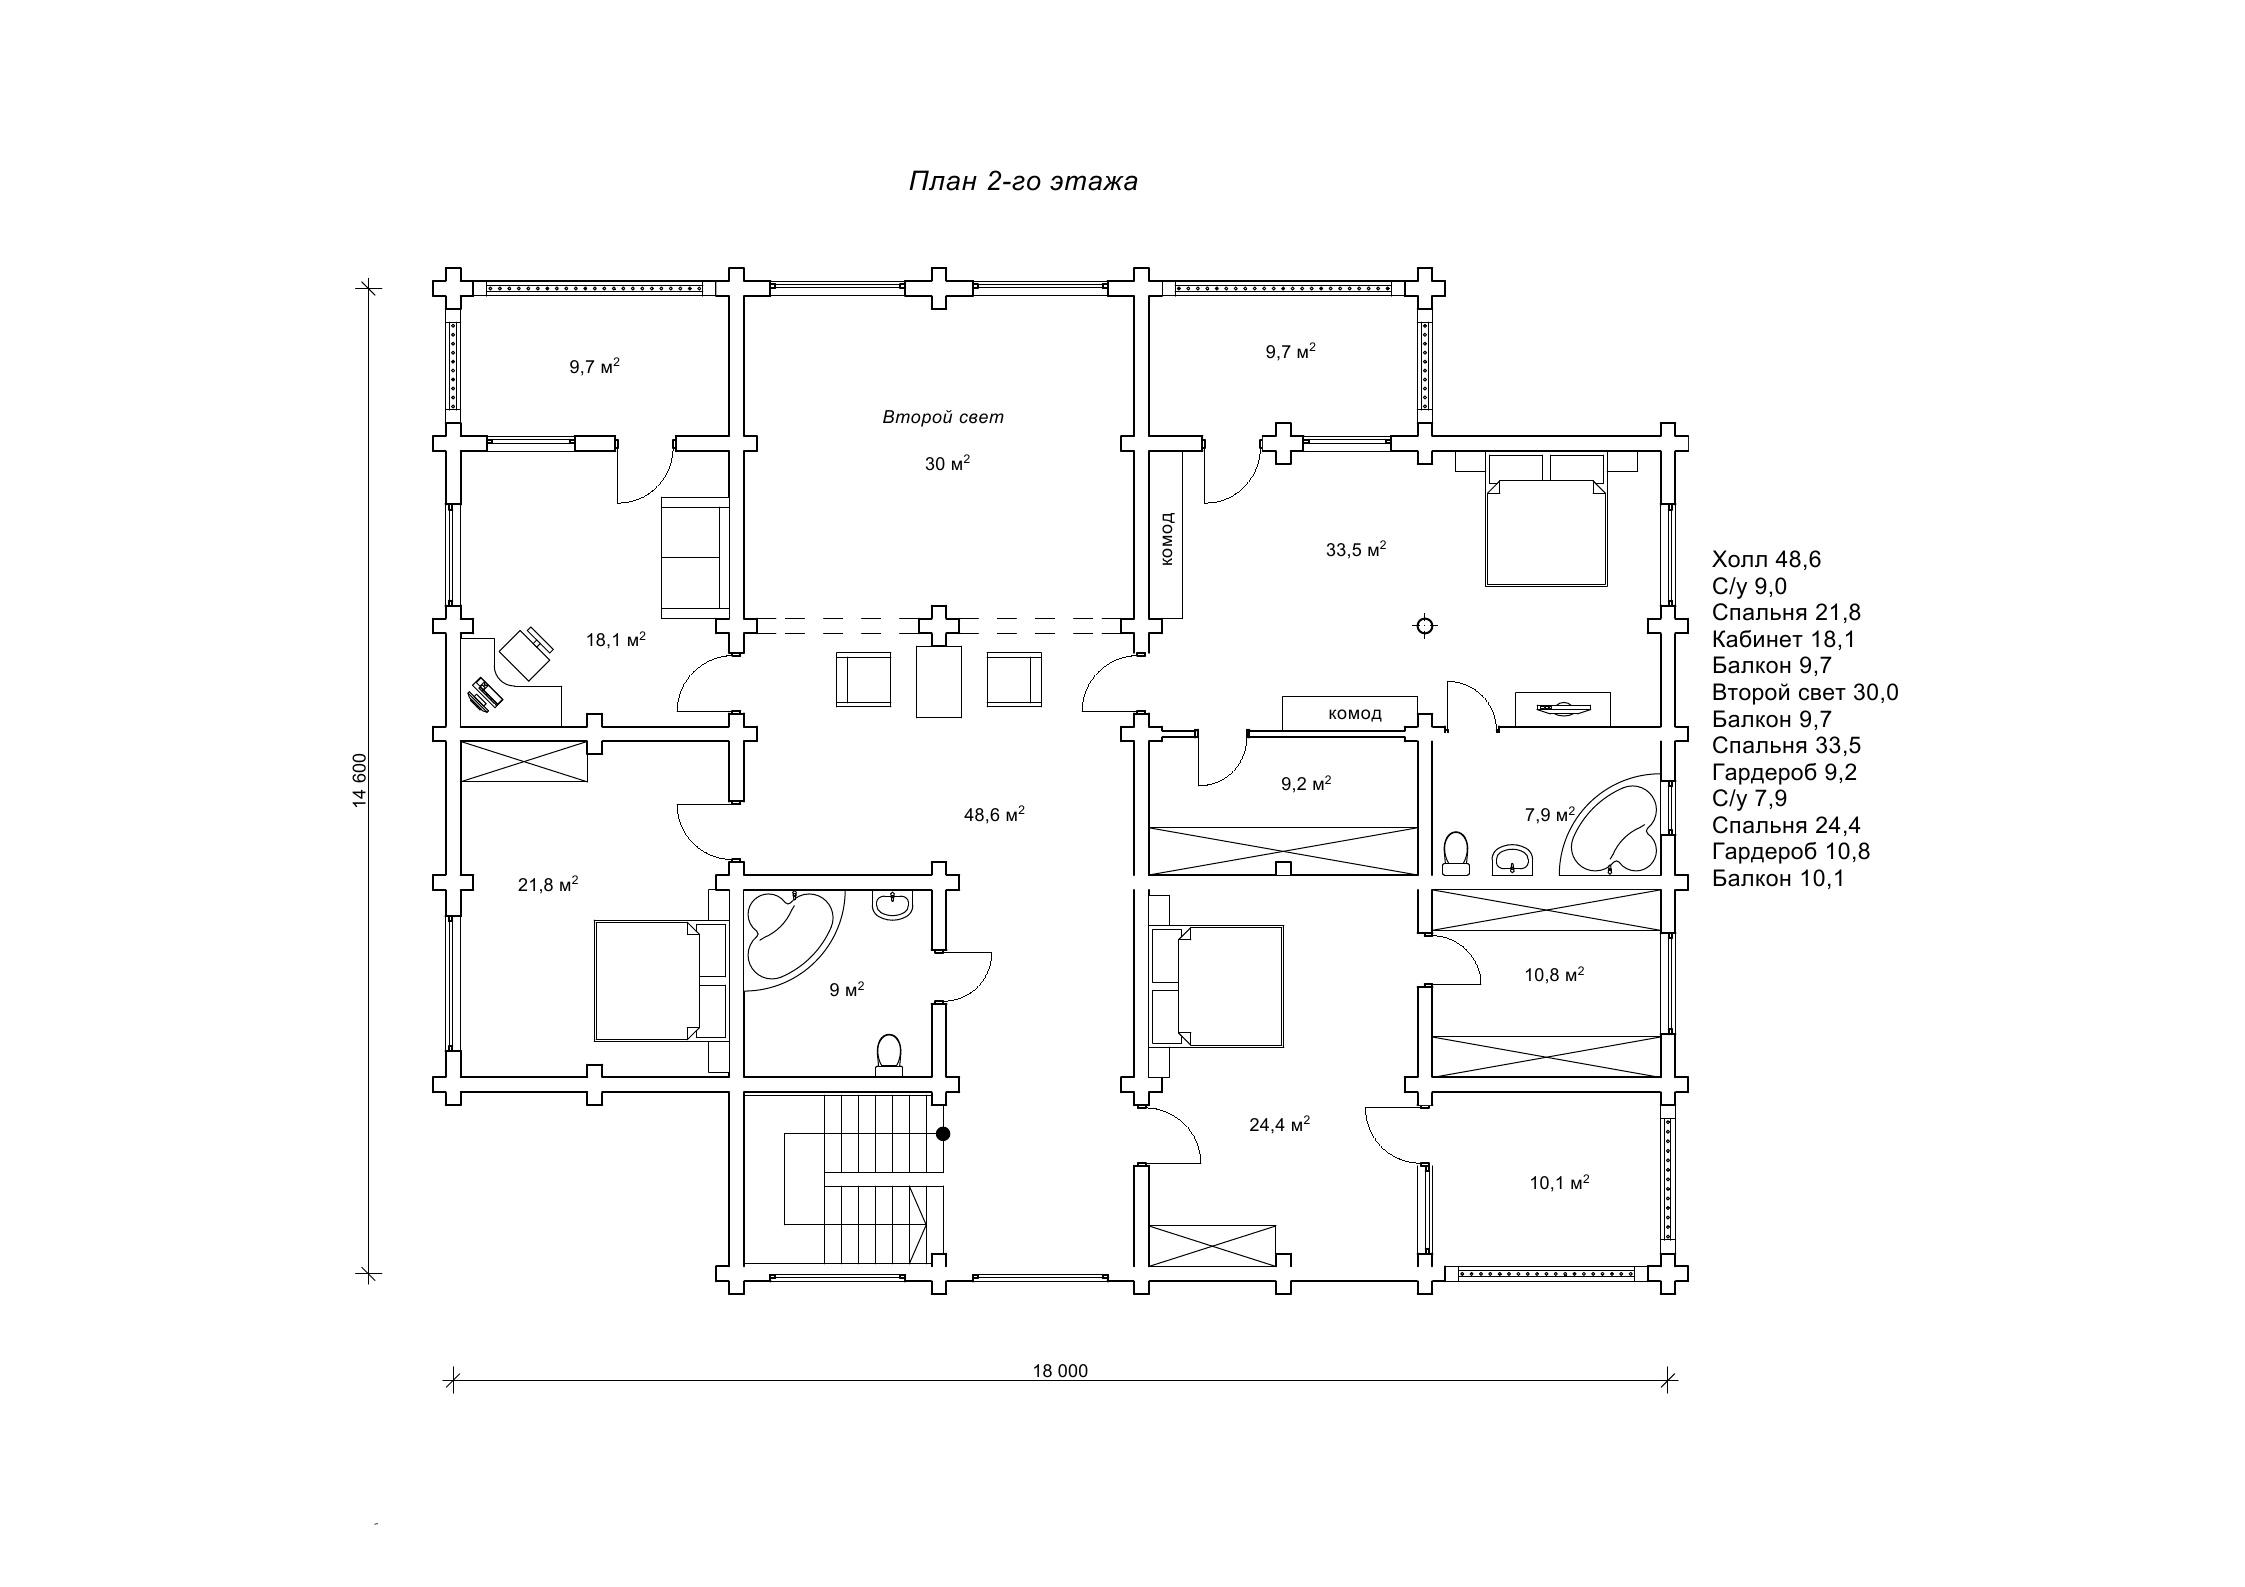 Распределение домов по количеству комнат